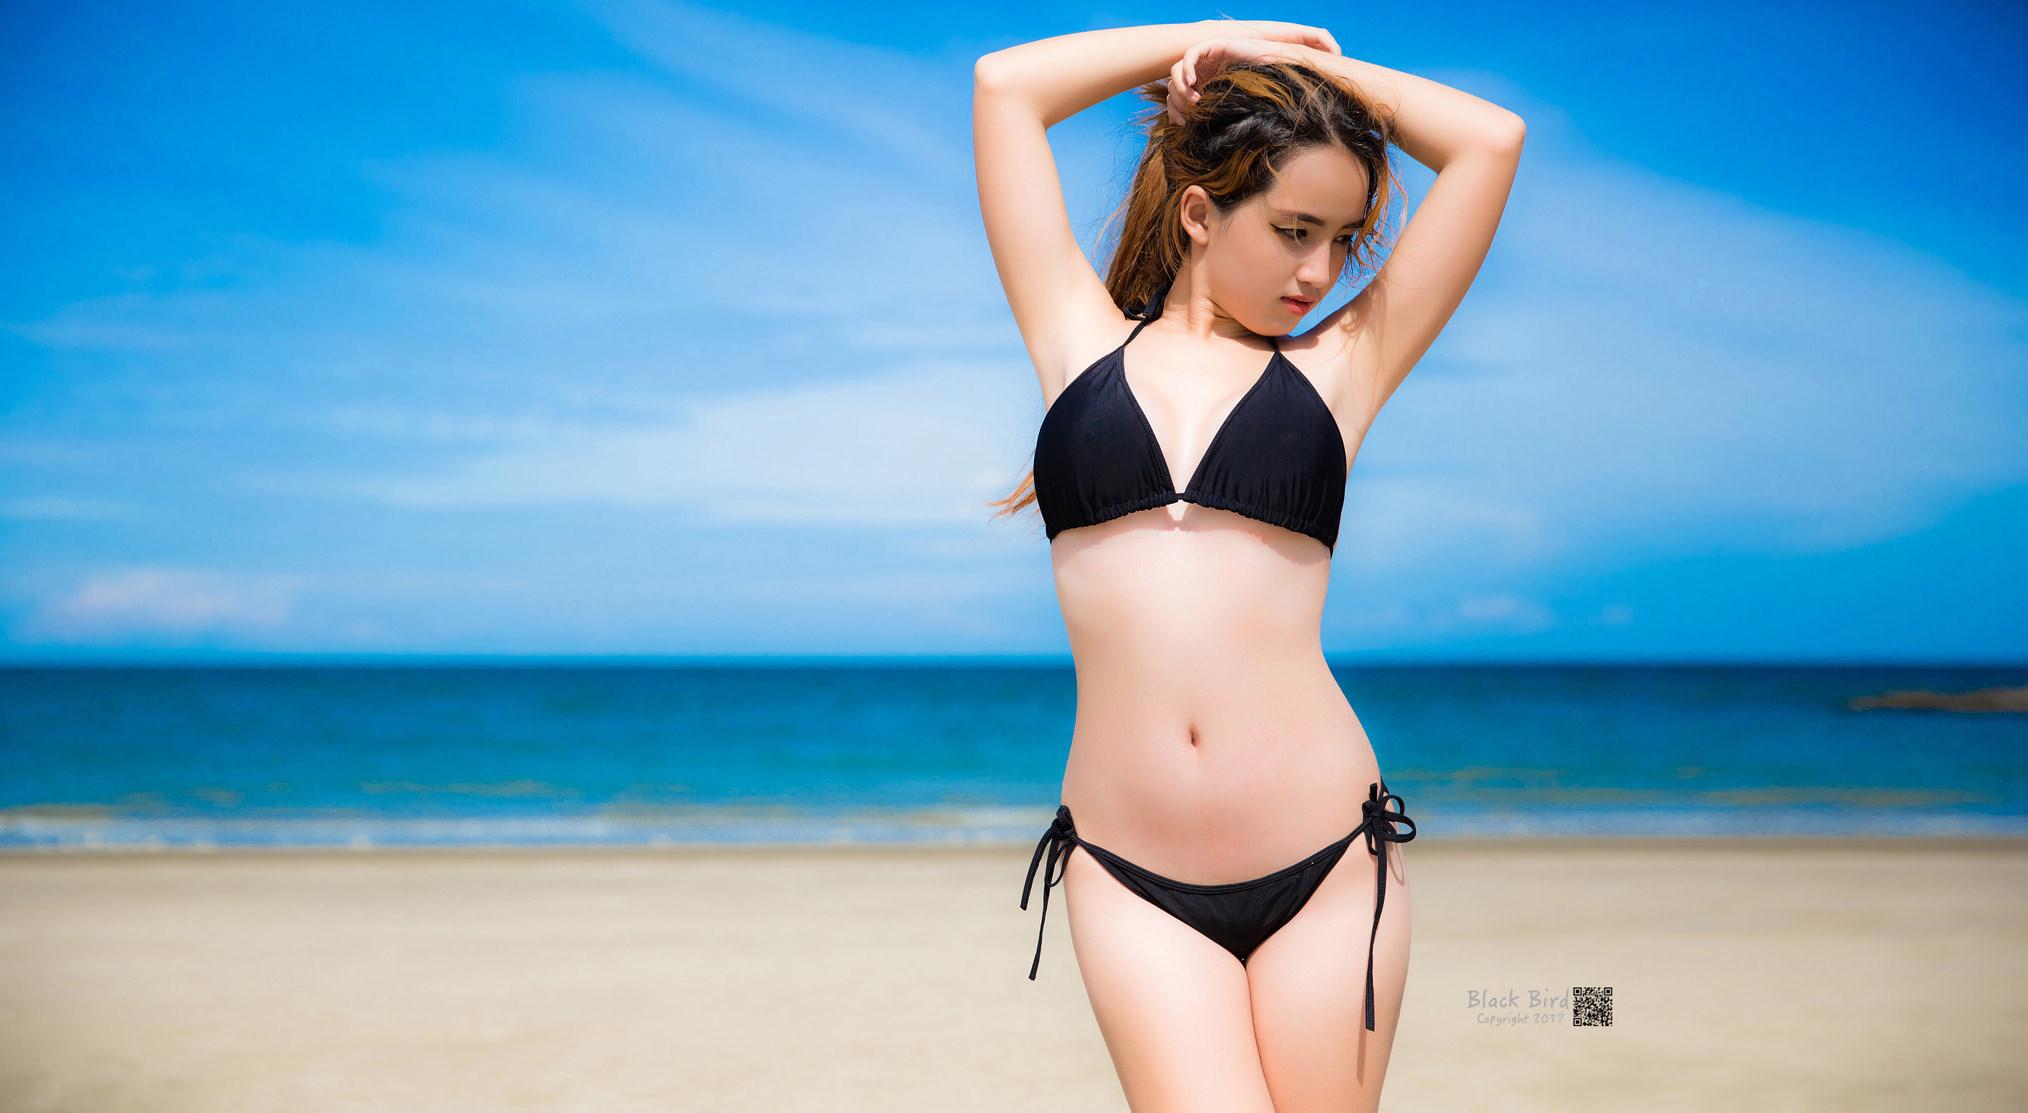 bikini wallpapers Black